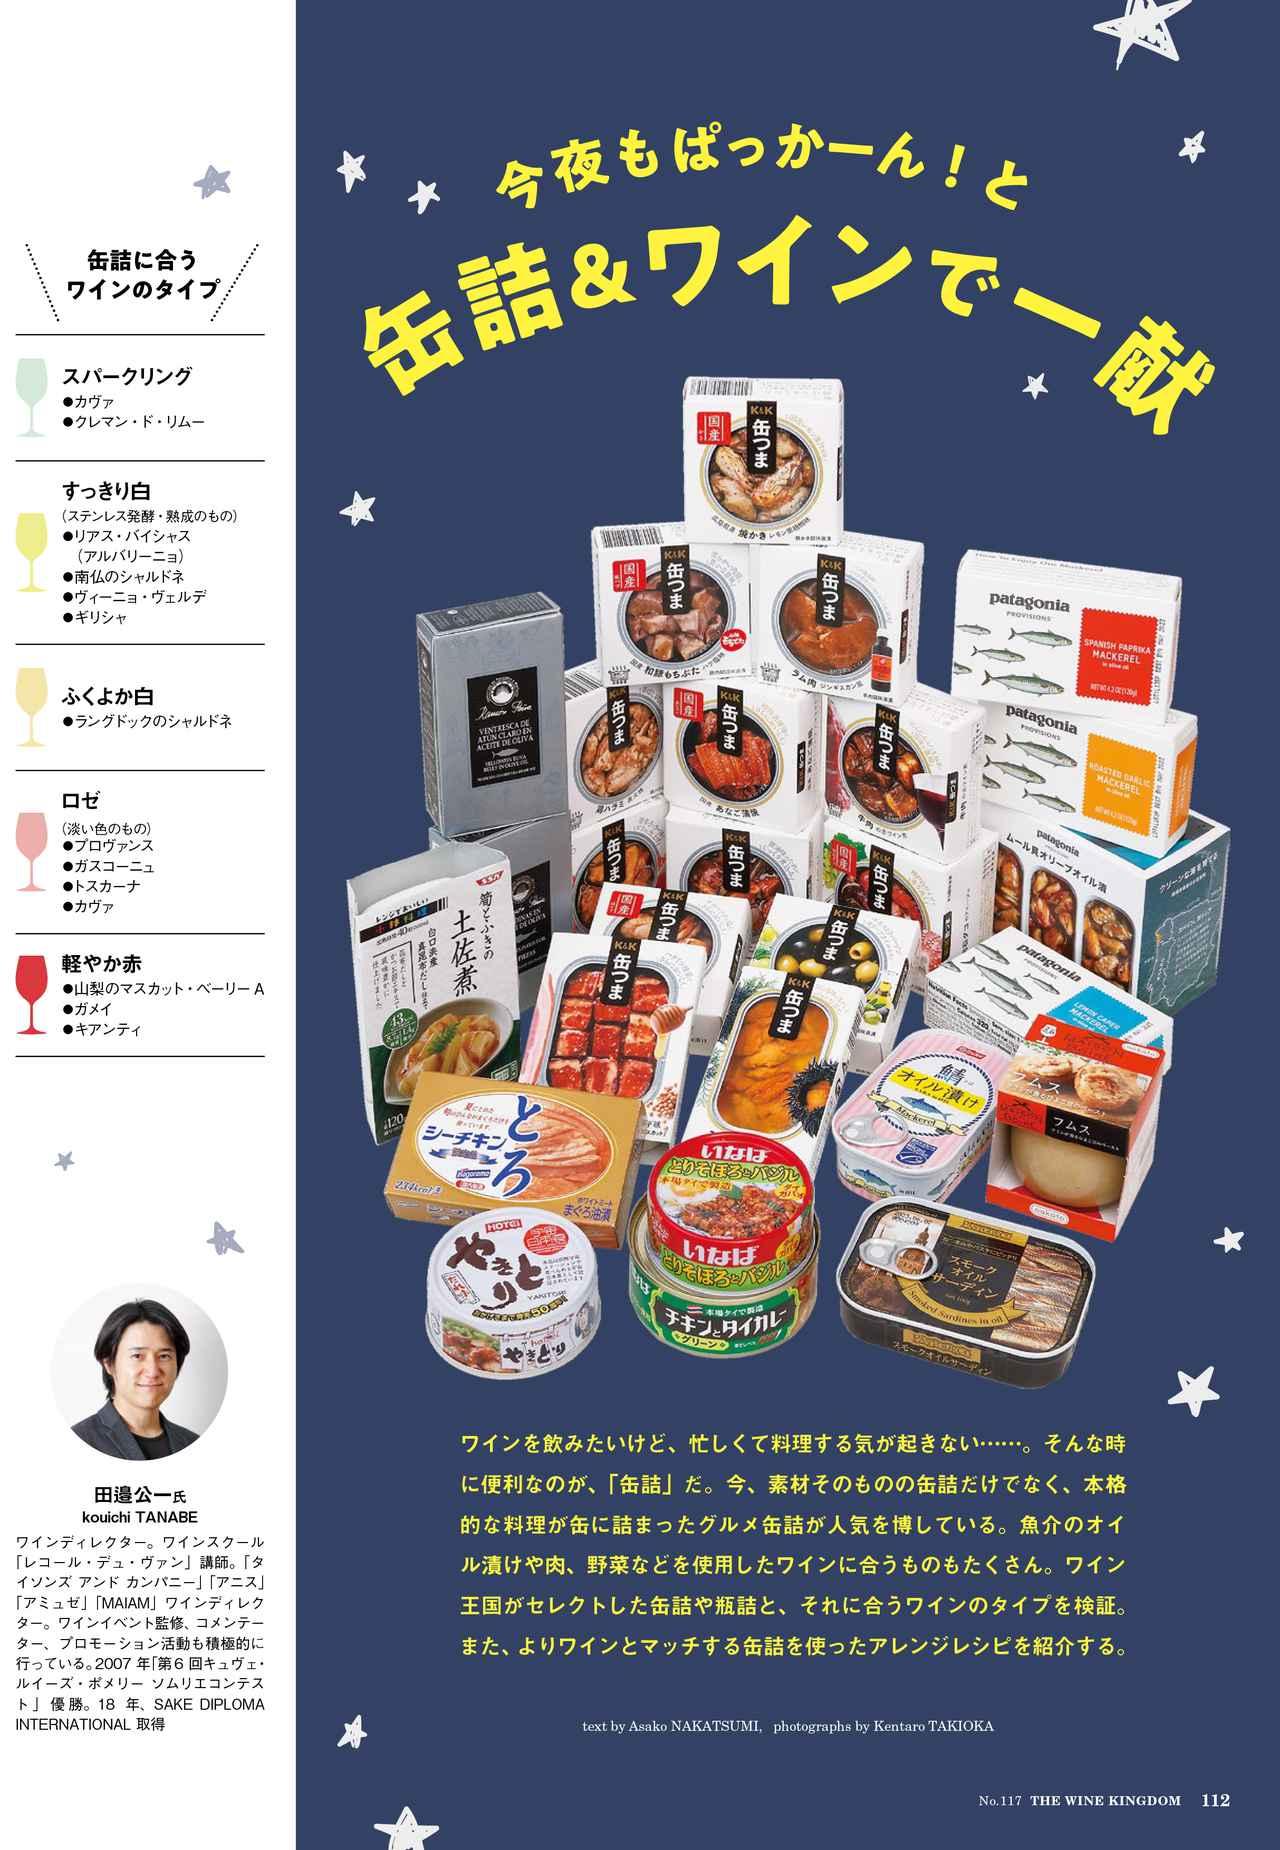 画像4: 『ワイン王国 117号』日本ワイン 注目のグラン・クリュを大特集/抽選で豪華商品もあり ラベルグランプリ開催